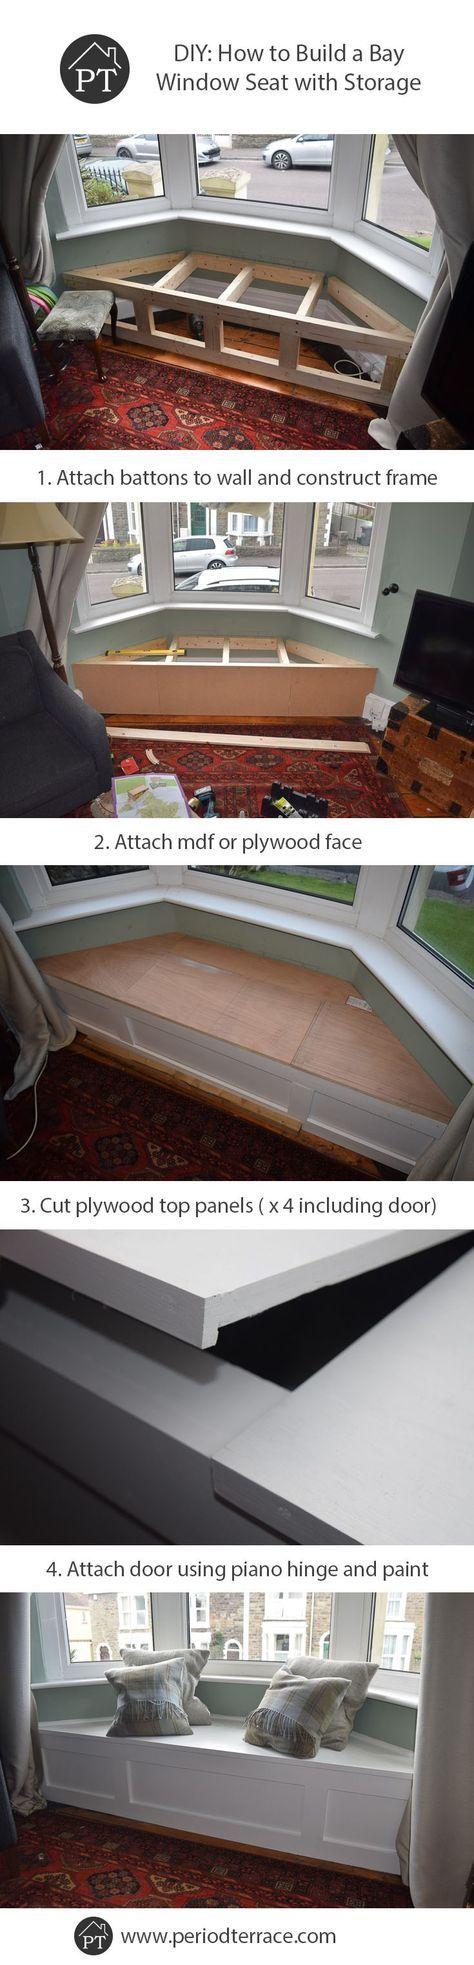 DIY贴子如何构建一个带有存储的飘窗座椅,可以完美融入家居时代,并有一个带有充足储物空间的升降门。